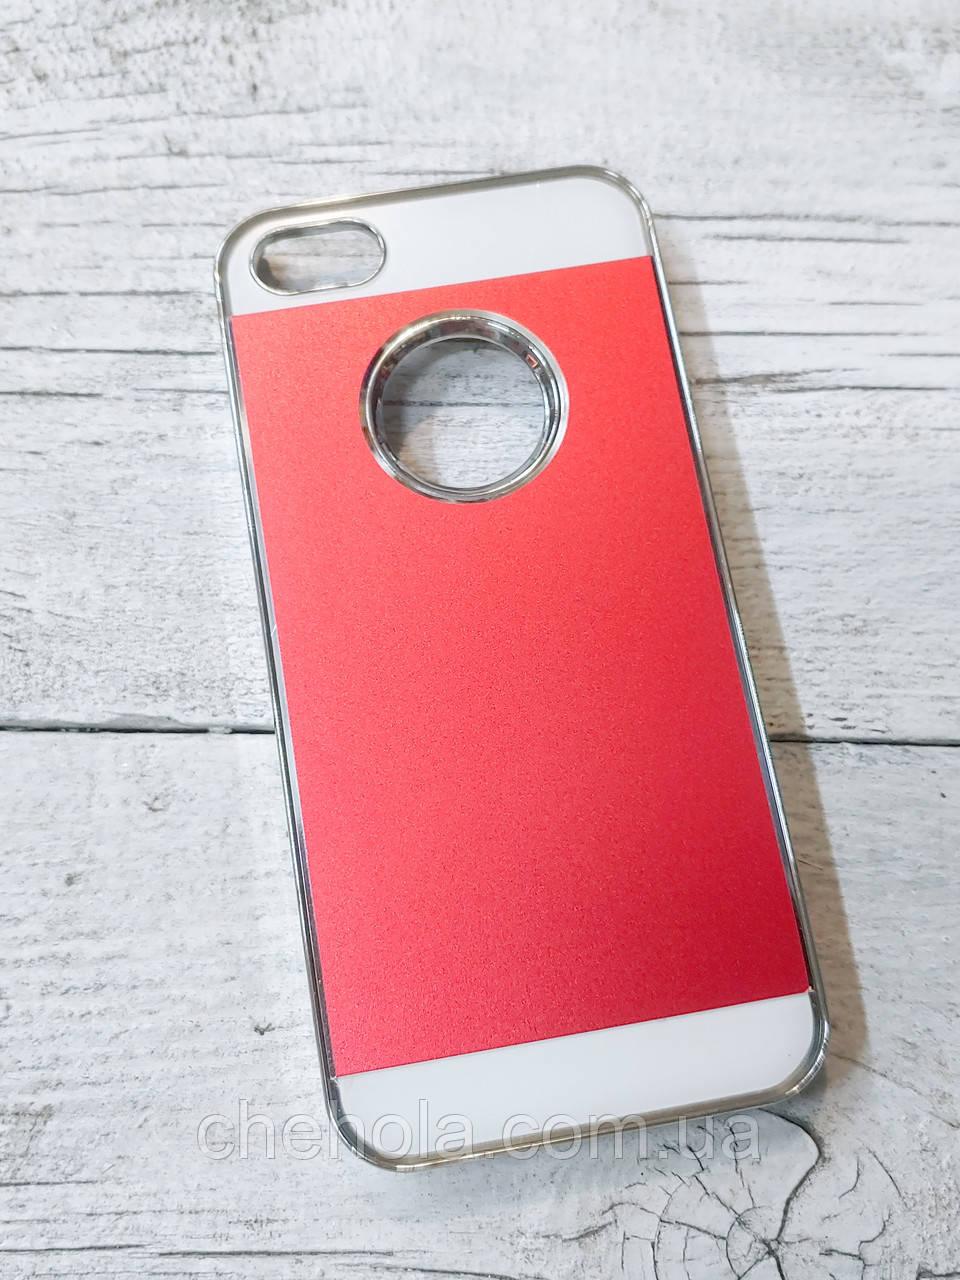 Чехол алюминиевый Jelly Iphone 5 5S SE Хромированный Красный